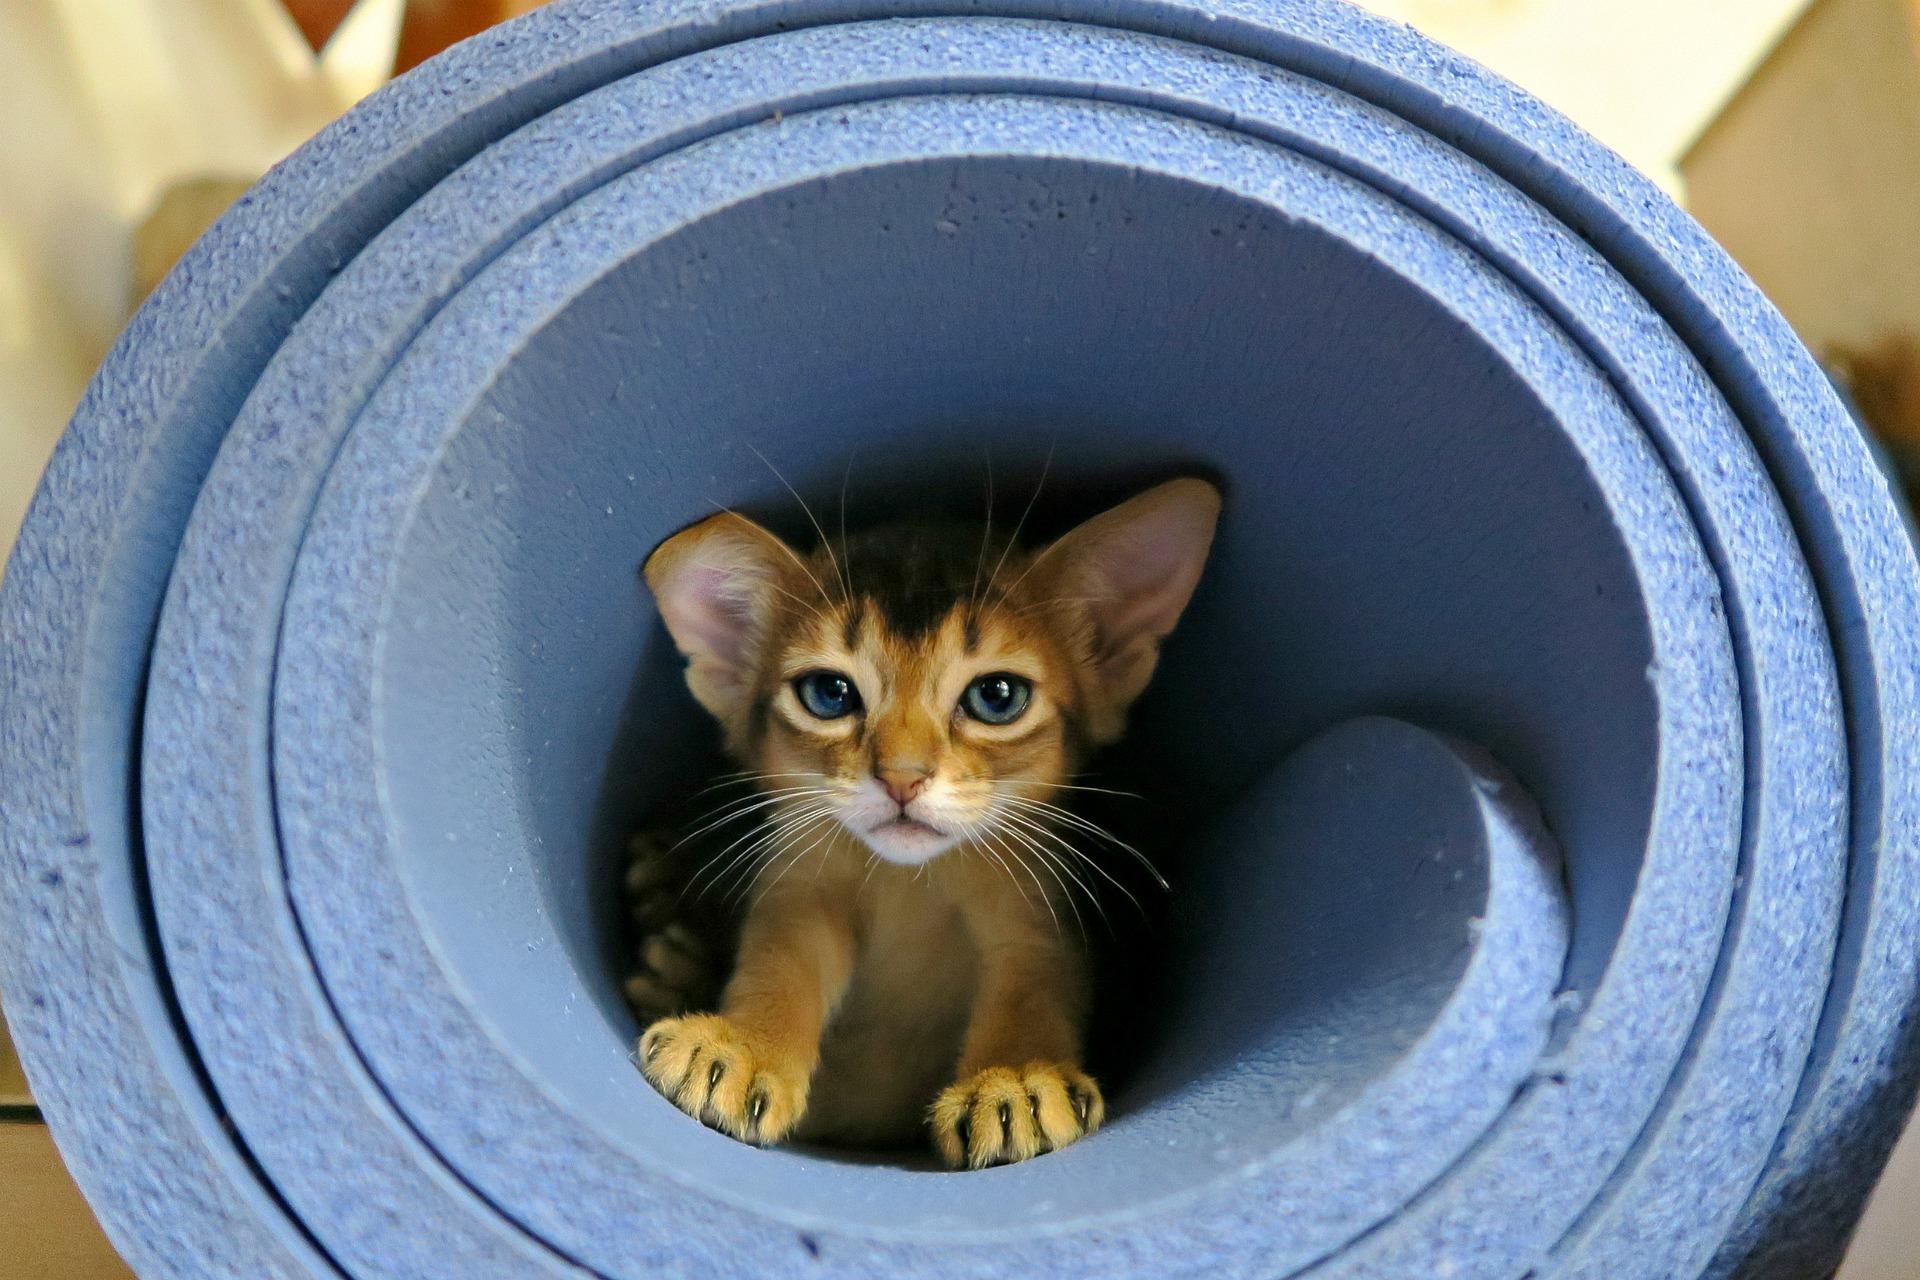 Abessijn kittens